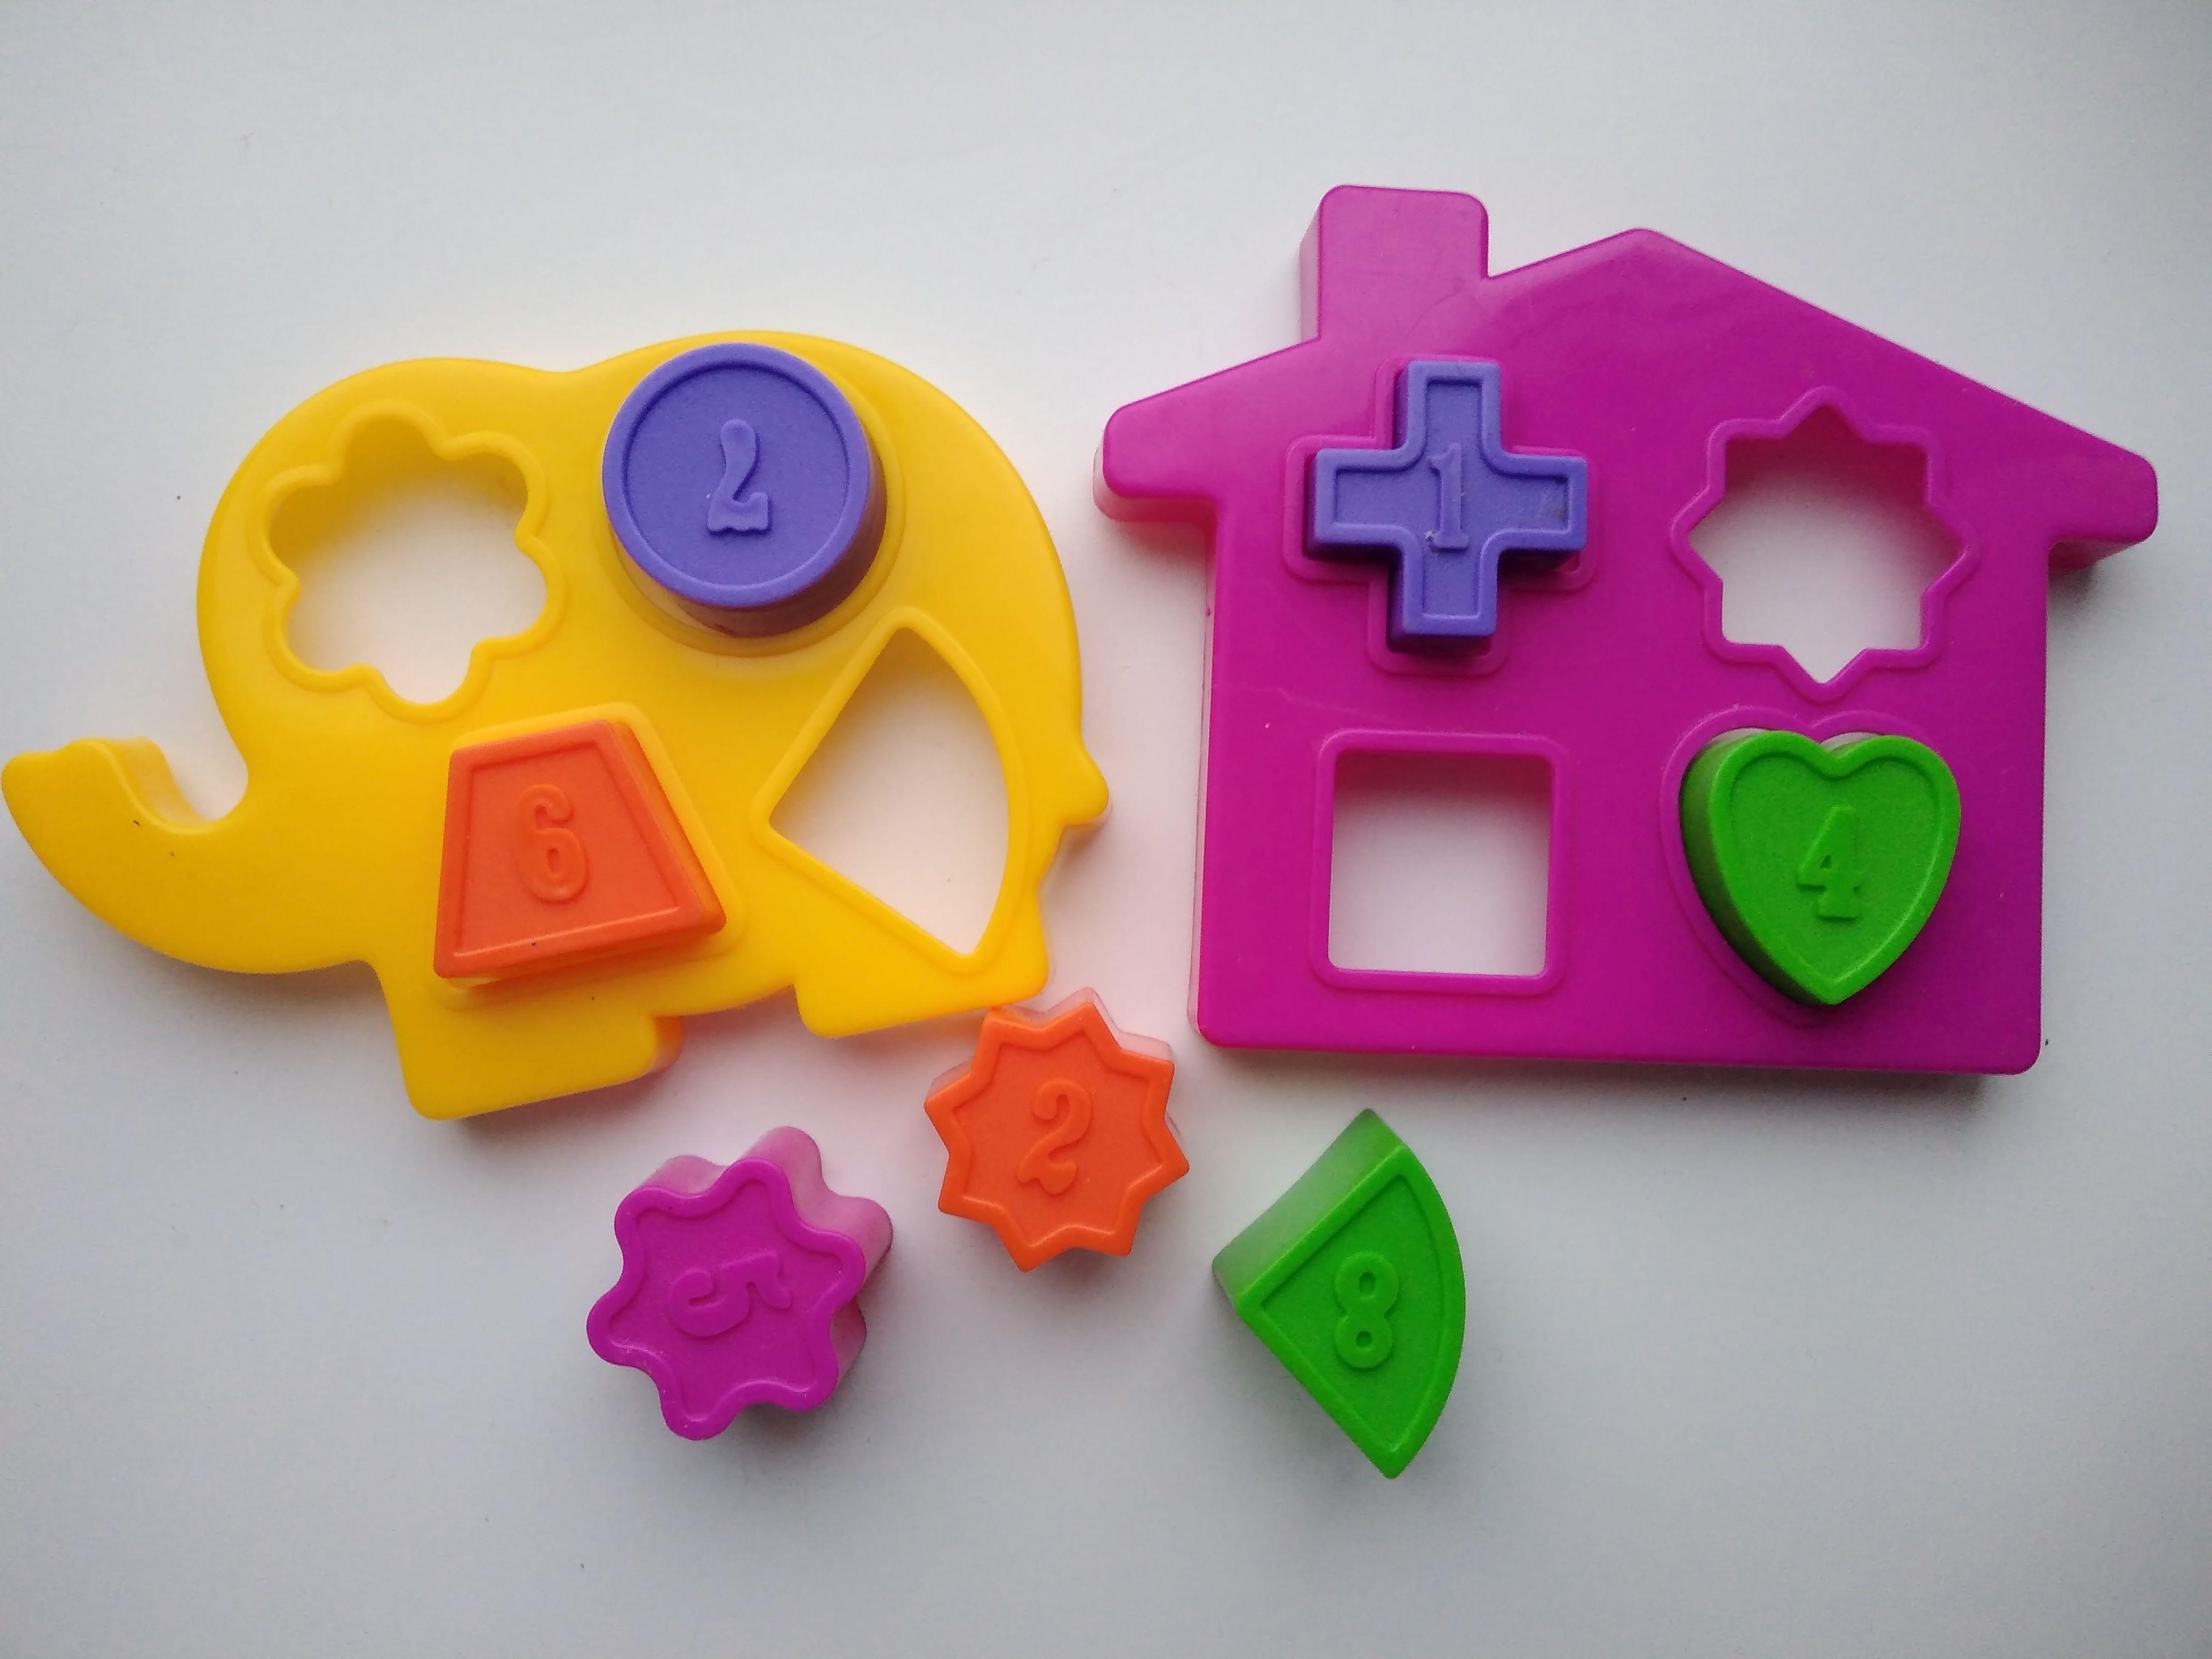 Солитер - игрушка для детей